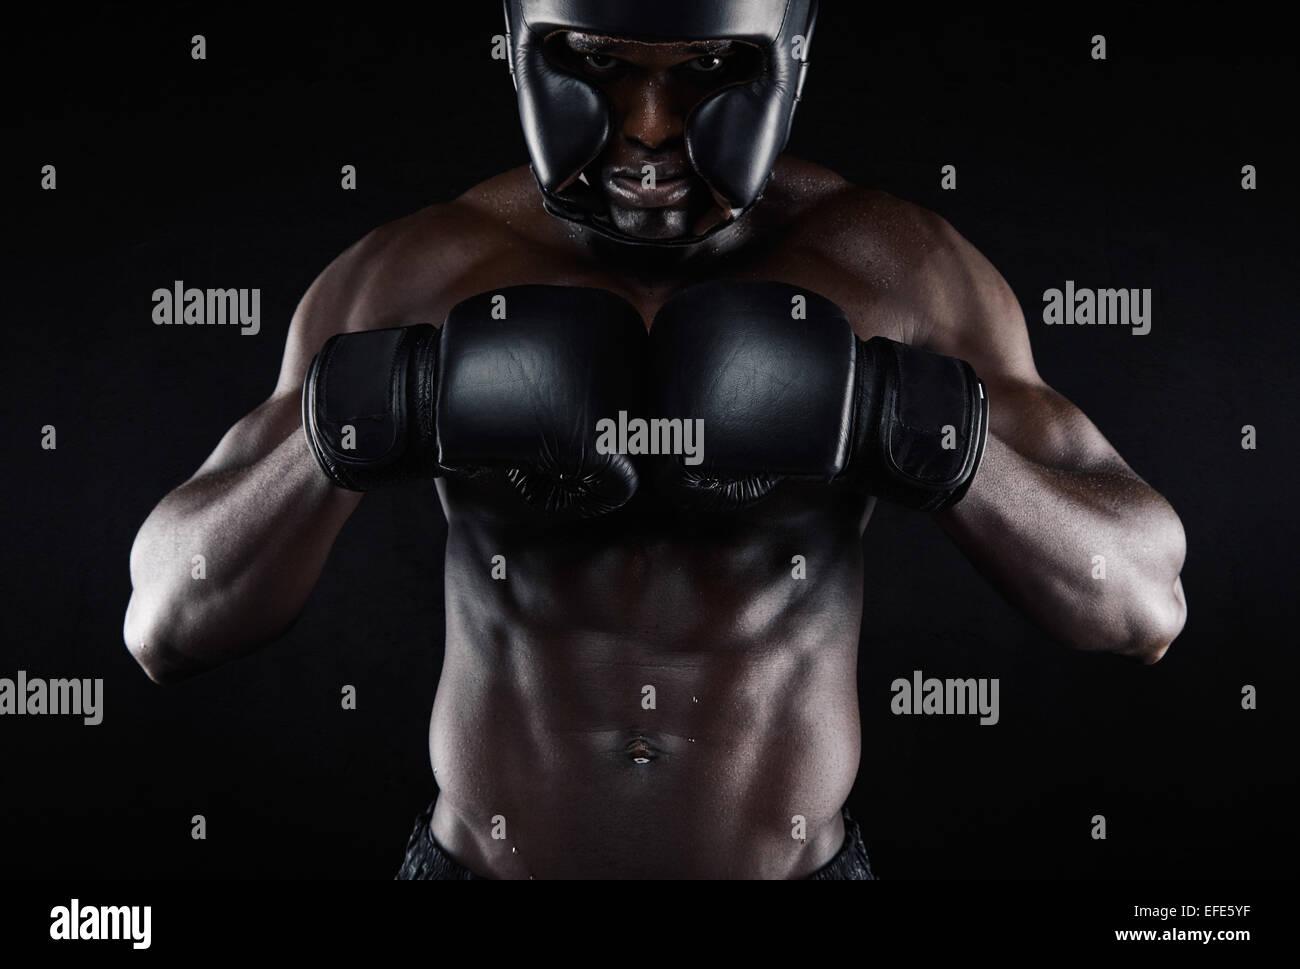 Ritratto di giovane africano boxer maschio di preparare per la concorrenza su sfondo nero. Muscoloso maschio modello Immagini Stock